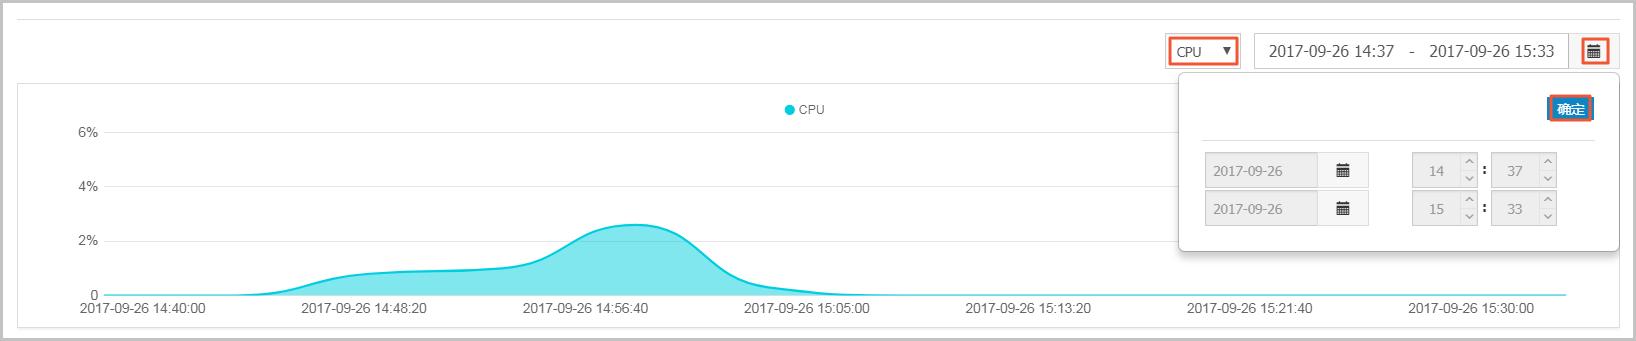 查看CPU使用率